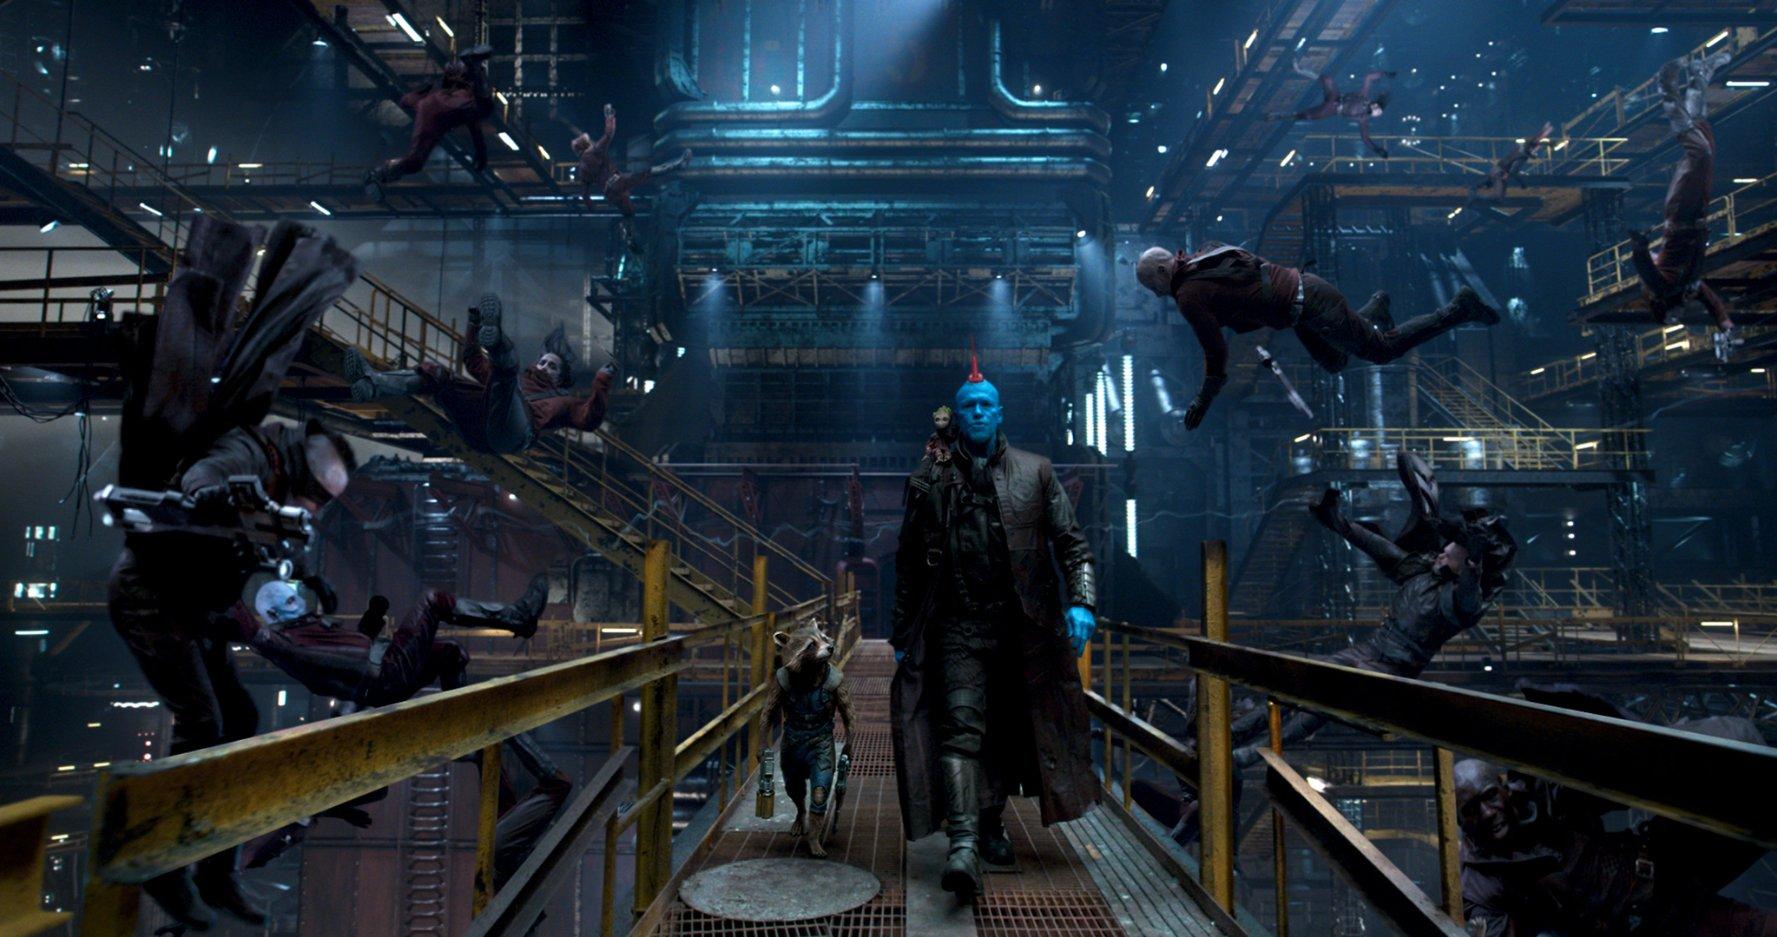 (6) film-chuvari-na-galaksijata-2-guardians-of-the-galaxy-vol-2-www.kafepauza.mk